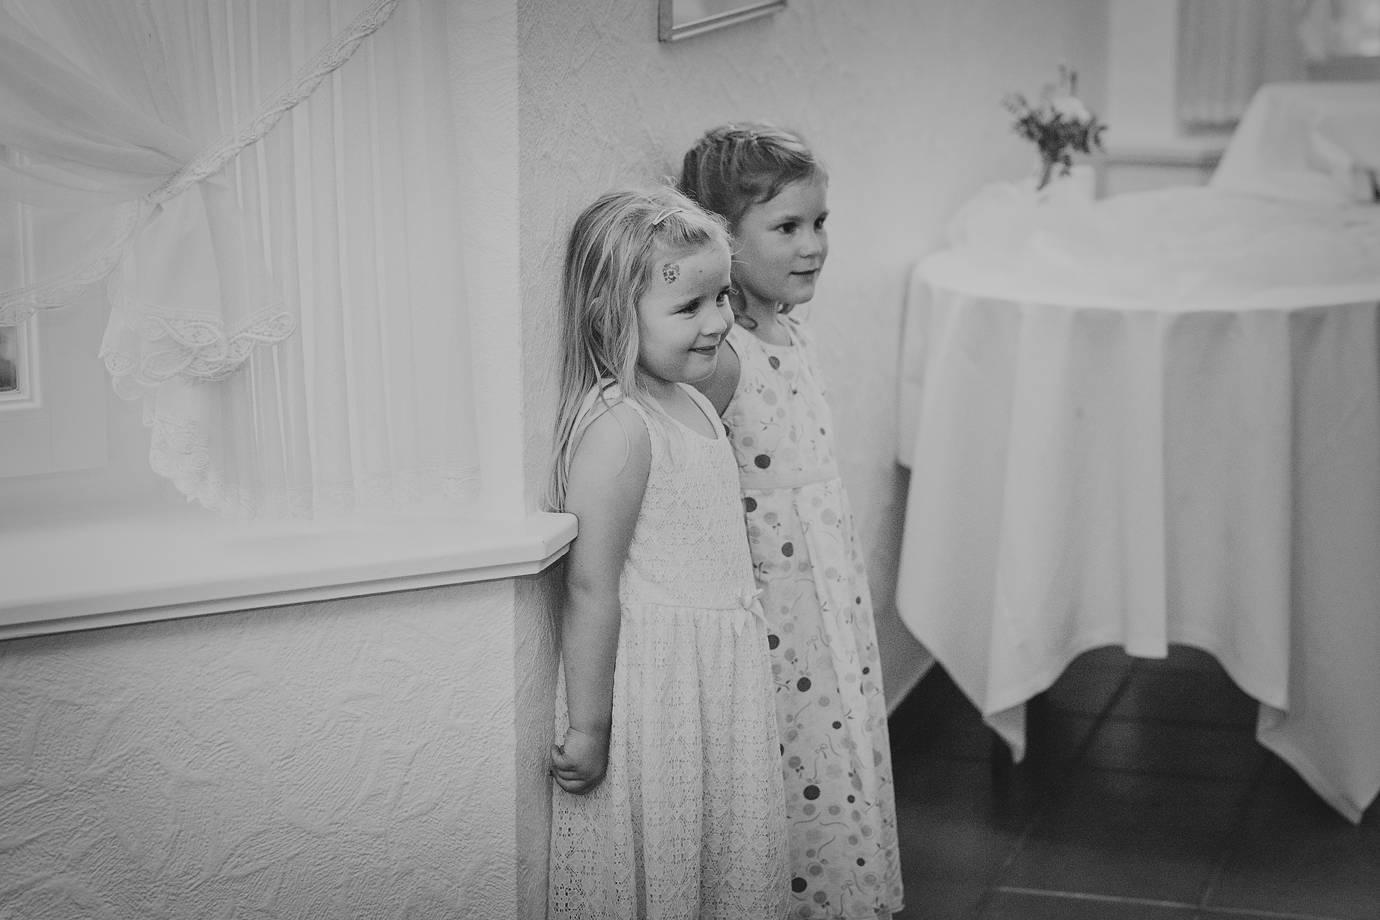 hochzeitsfotograf rotenburg 209 - Rebecca+Malte